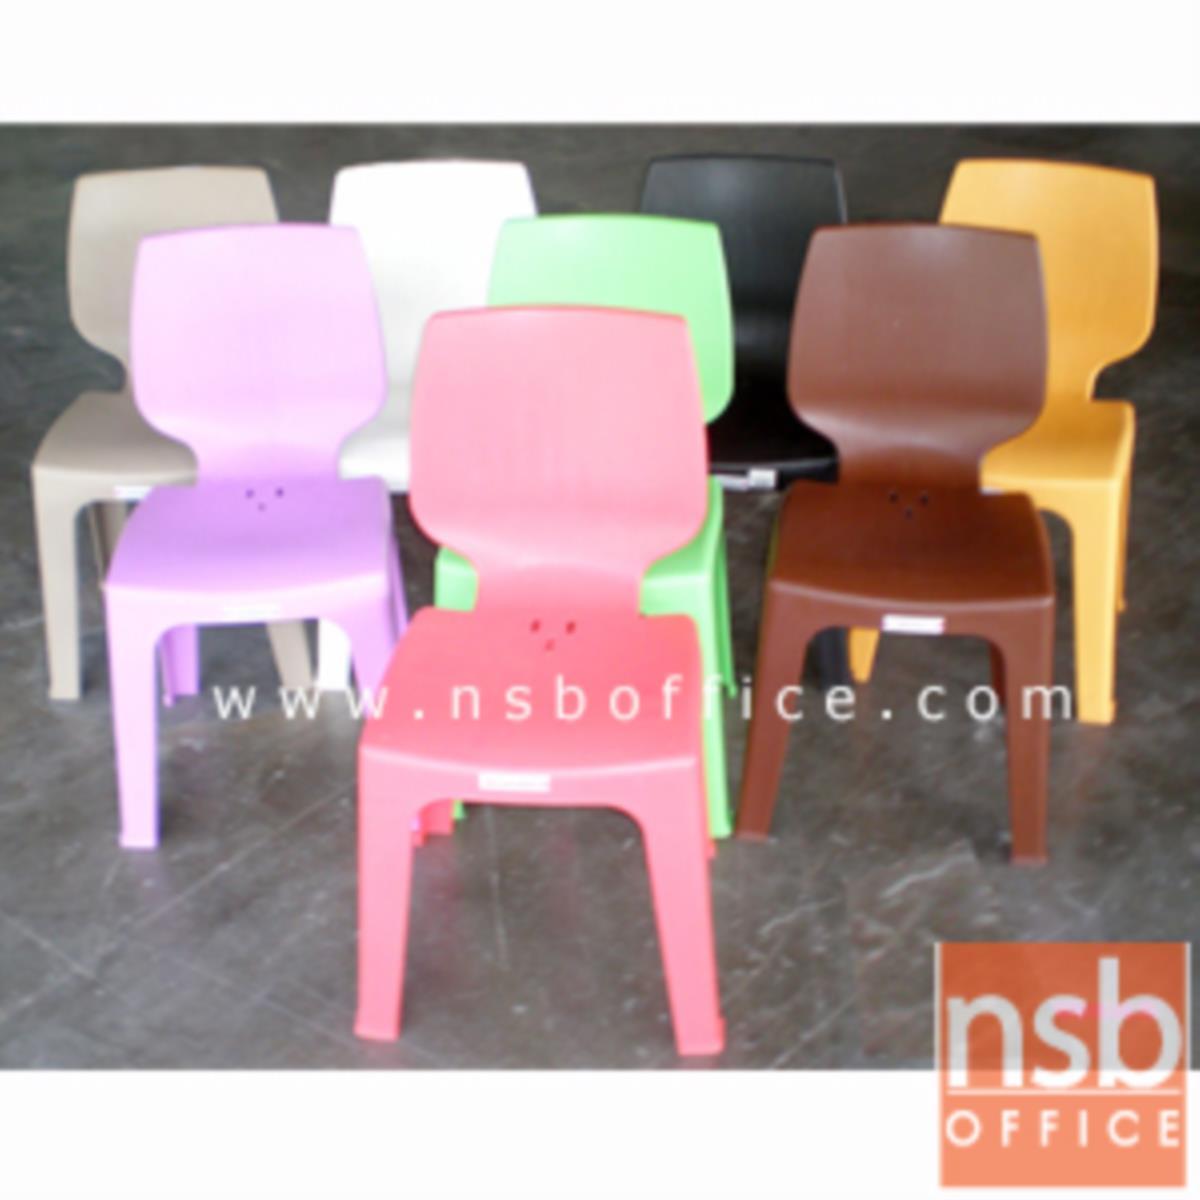 เก้าอี้พลาสติก รุ่น CD-MD-02 ซ้อนเก็บได้ (พลาสติกเกรด A)